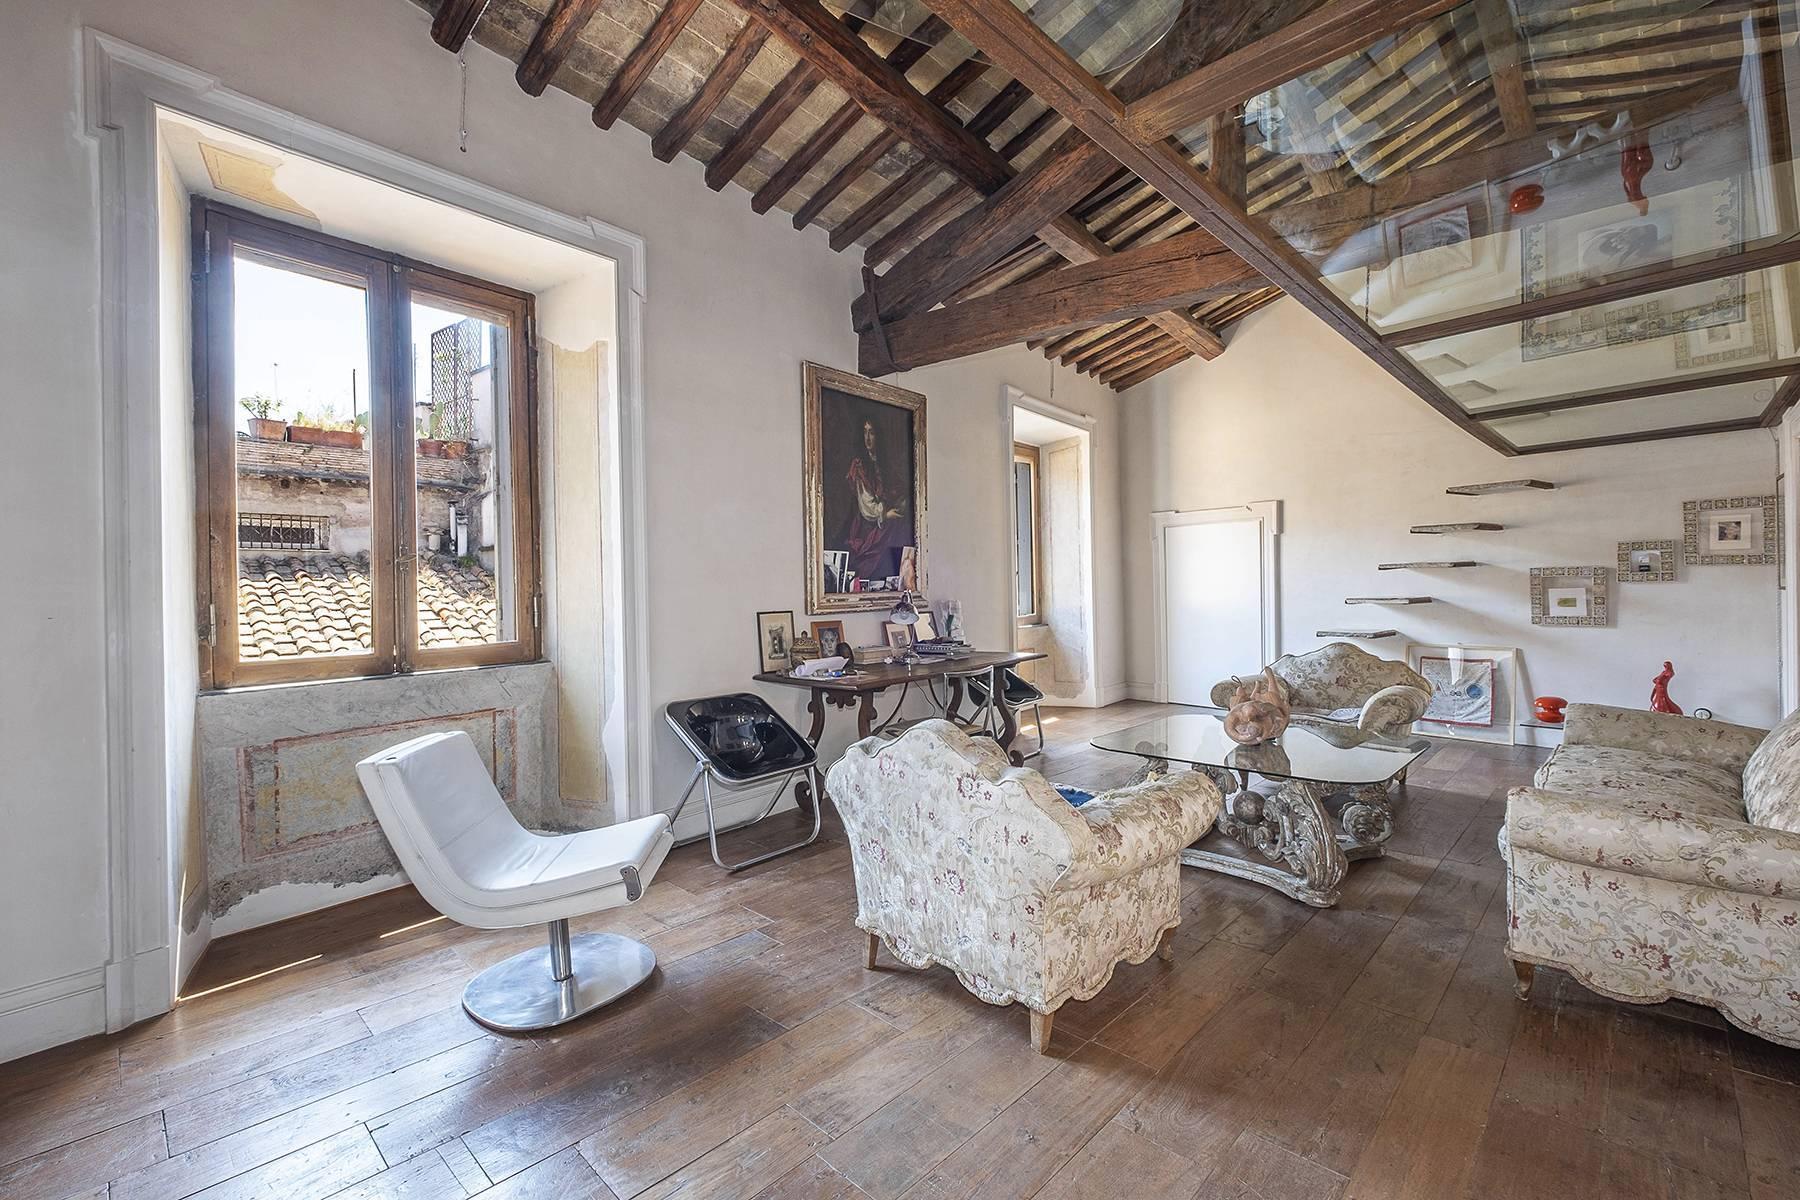 Splendido attico ristrutturato con giardini pensili panoramici - 18